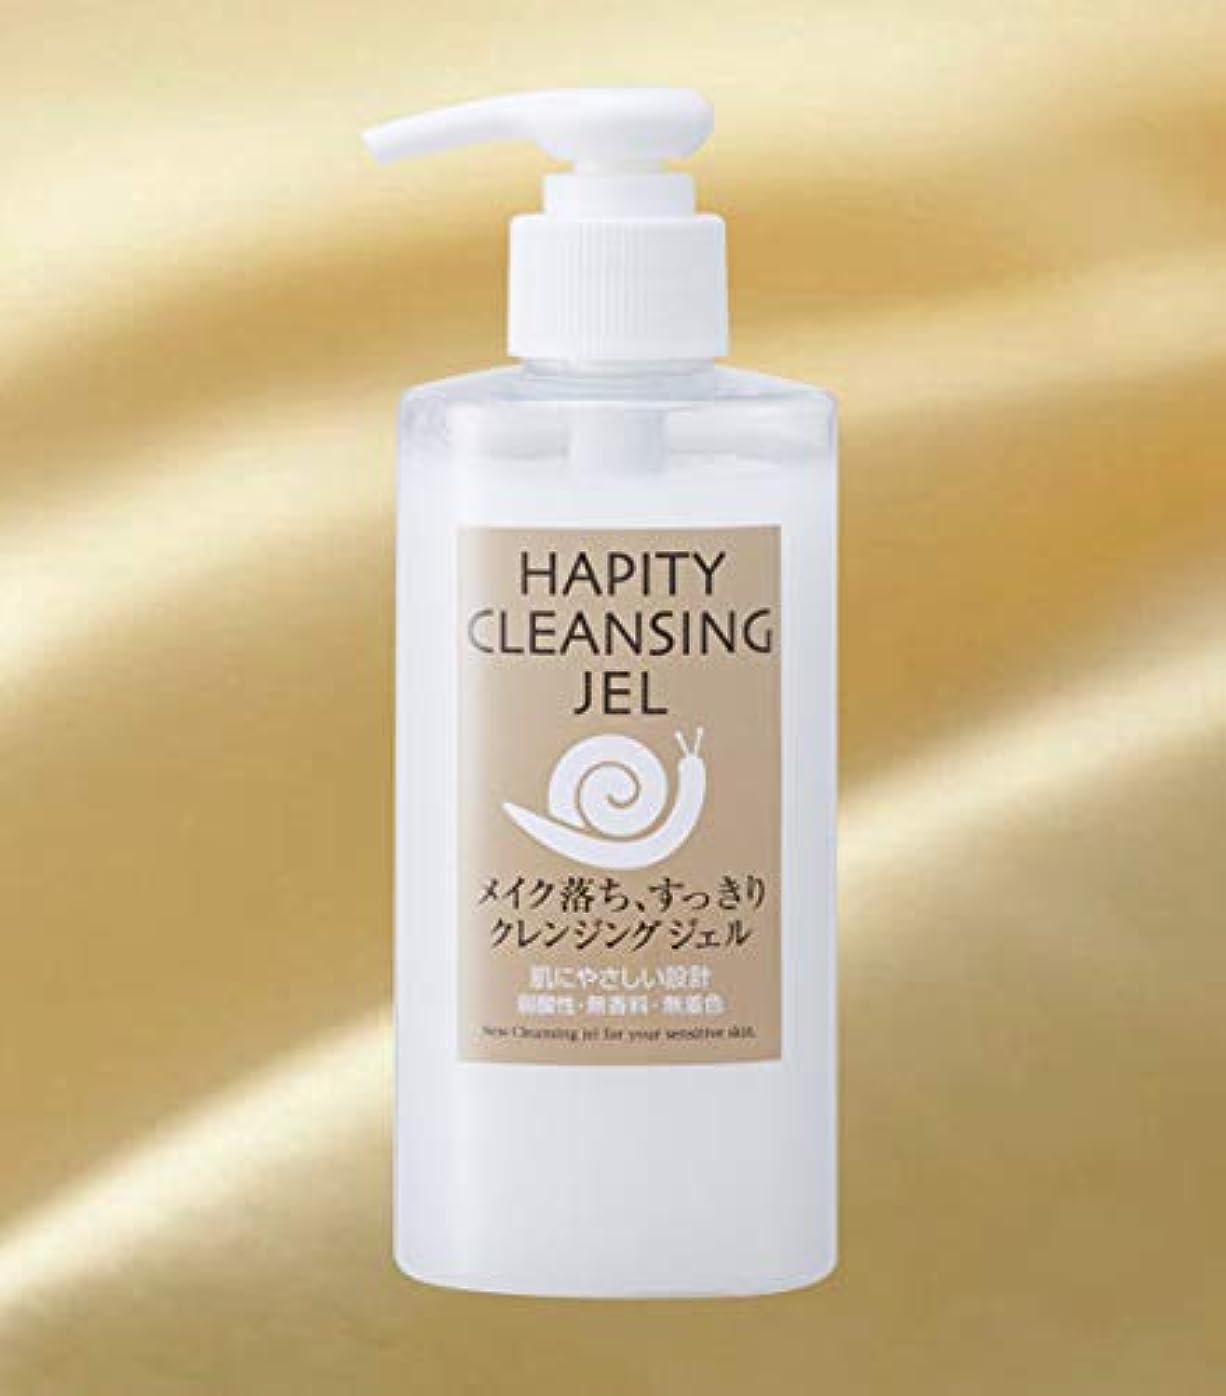 ところで選出する糸ハピティ クレンジングジェル (200g) Hapity Cleansing Jel